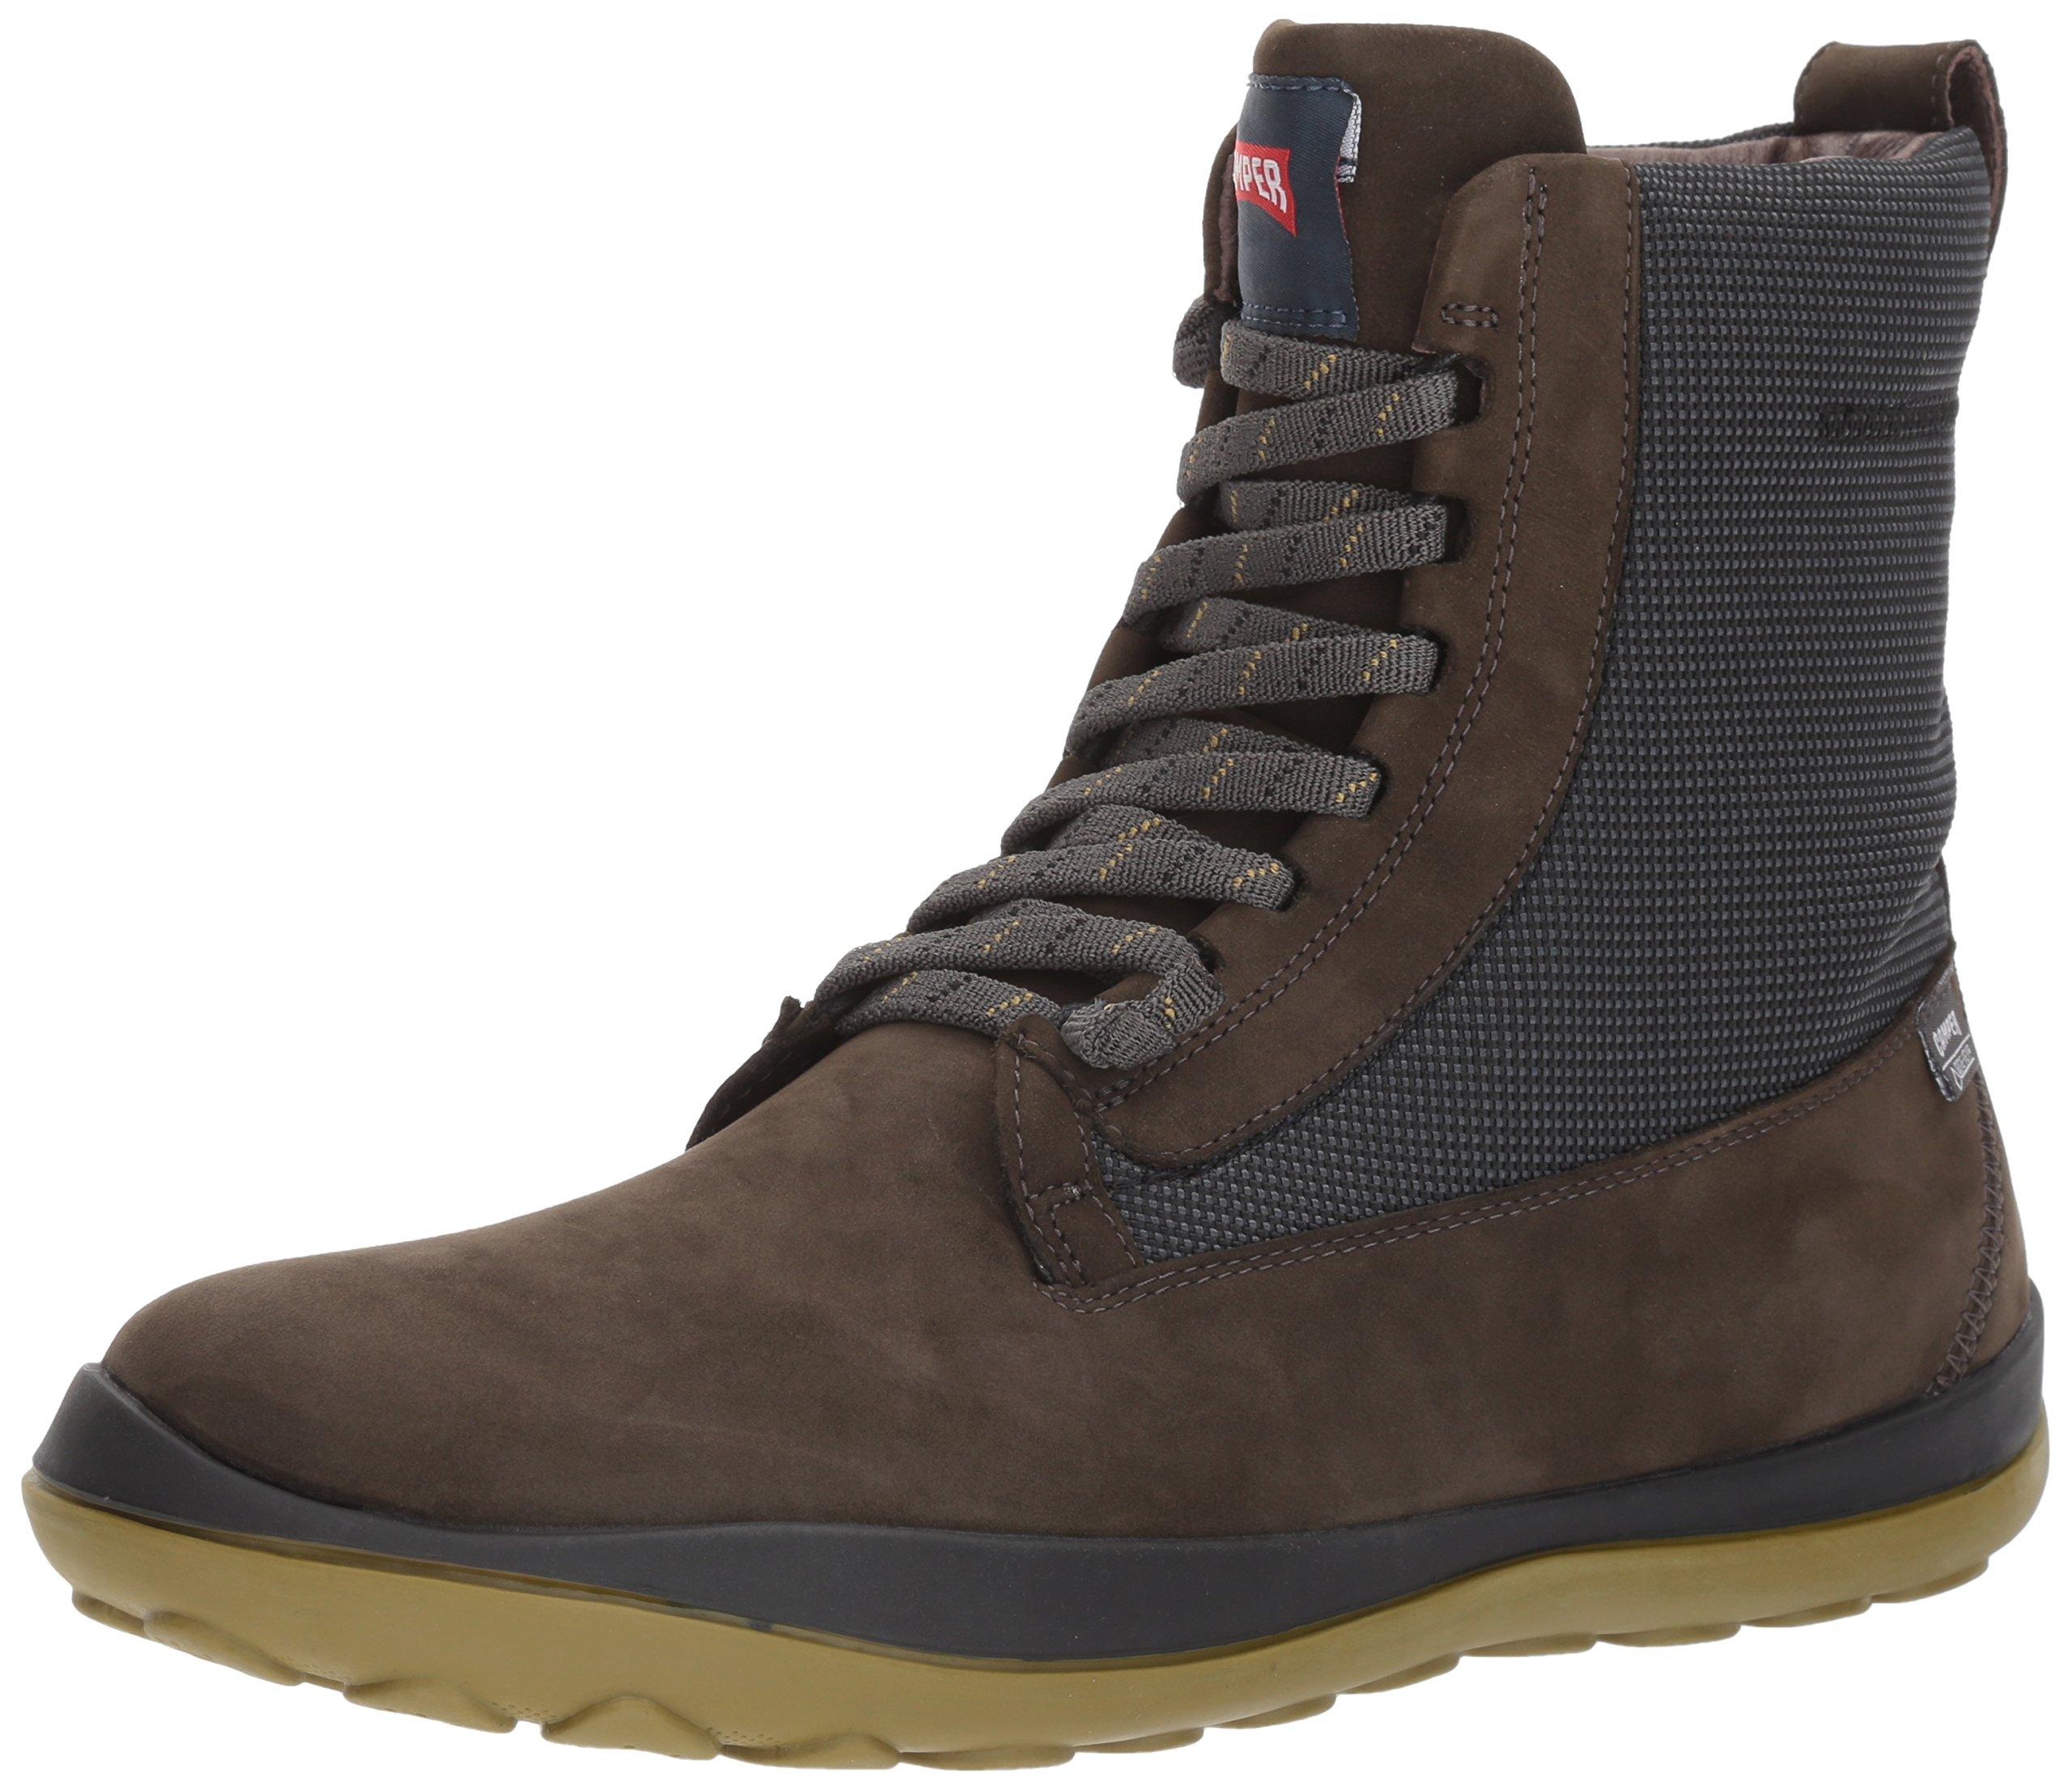 Camper Men's Peu Pista 36605 Snow Boot, Green, 43 M EU (10 US)